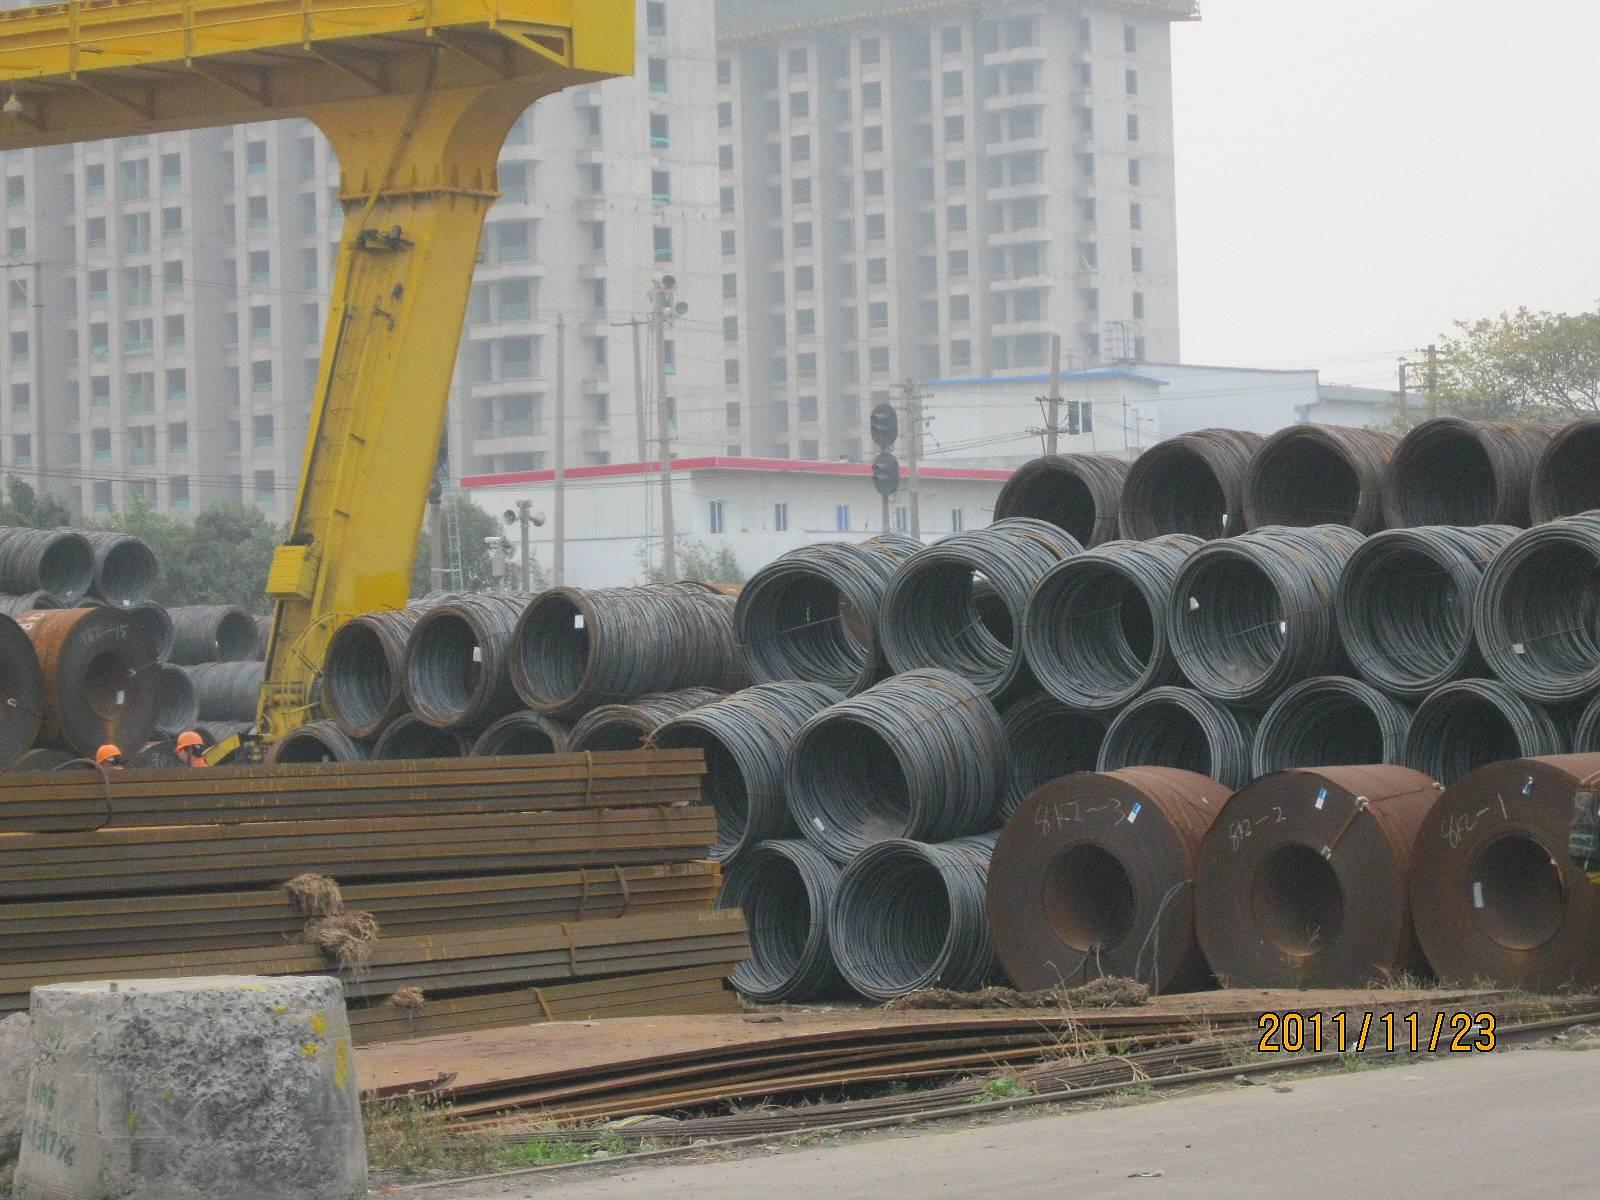 上海地区/A仓库:螺纹的量本周增加了,增加的量大概有1190吨左右。